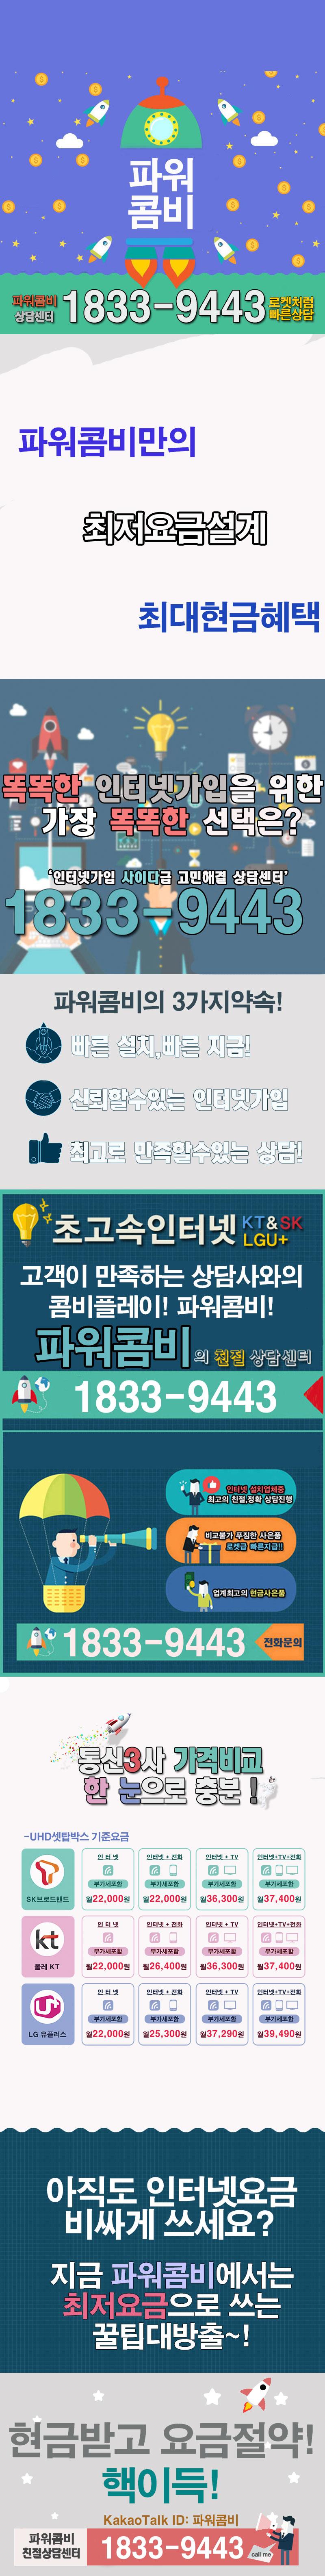 파워콤비-기타홈페이지 홍보용 사진.jpg